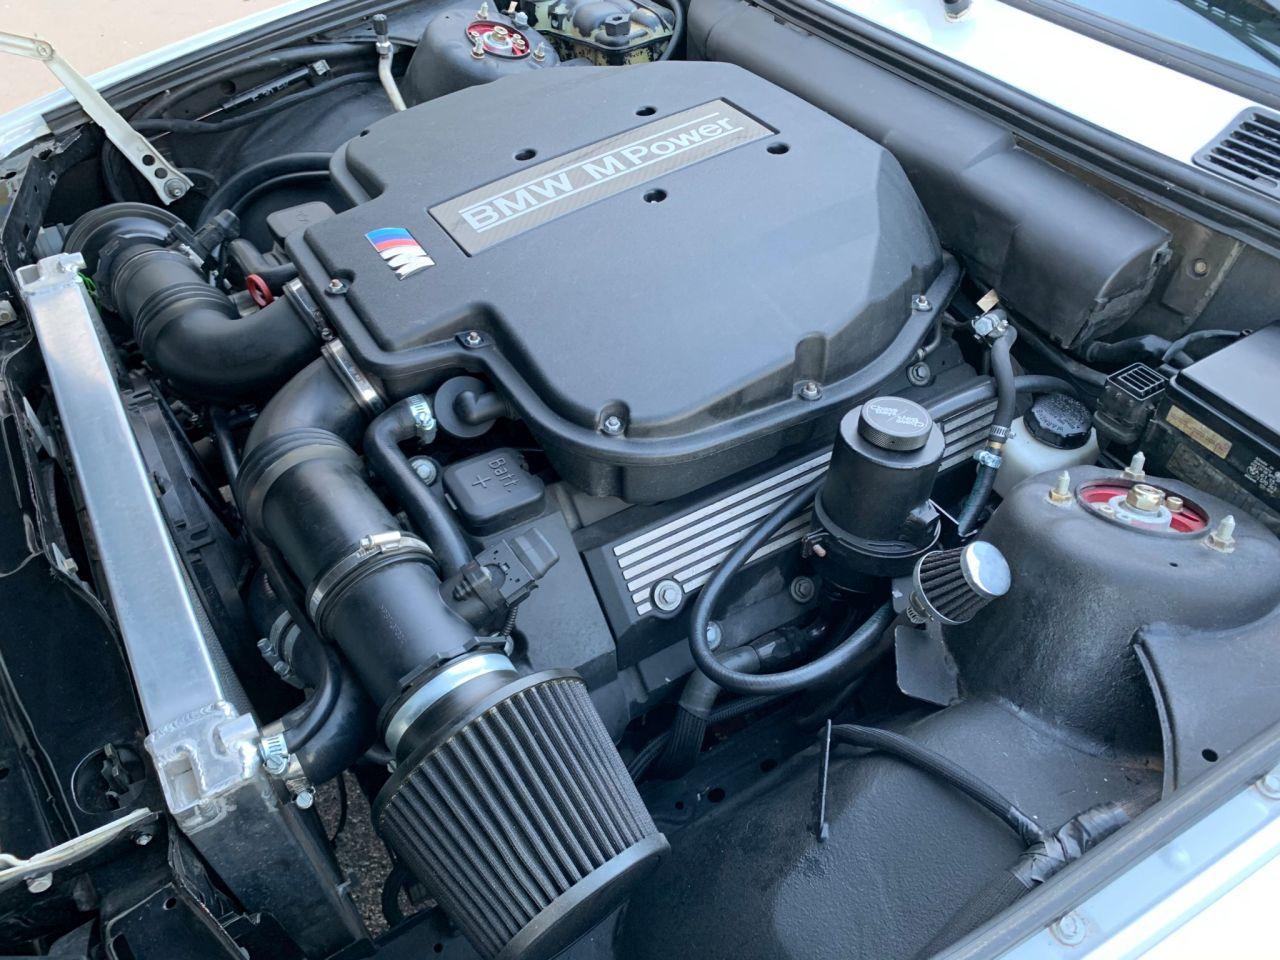 BMW 325i en S62 - Parce que 8, c'est mieux que 6 ! 10